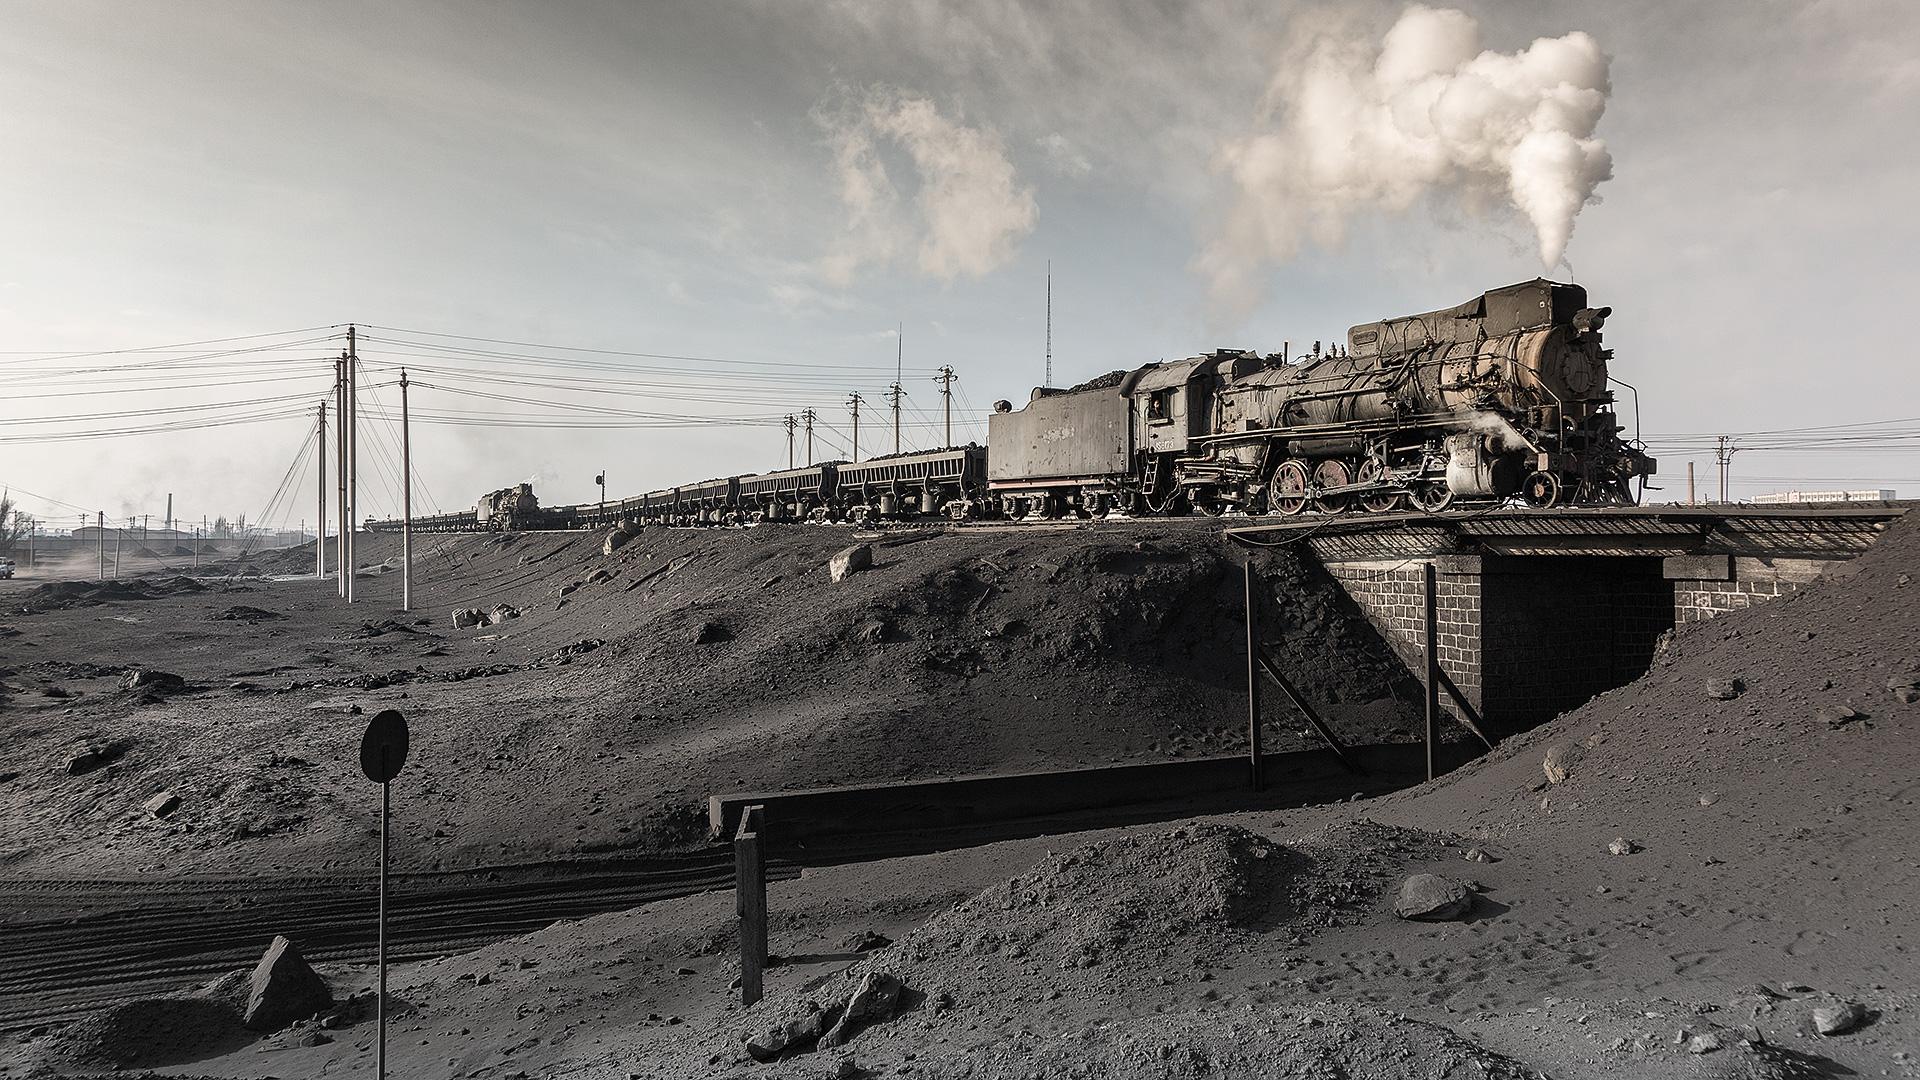 Auf dem Weg zur Kohlenwäsche